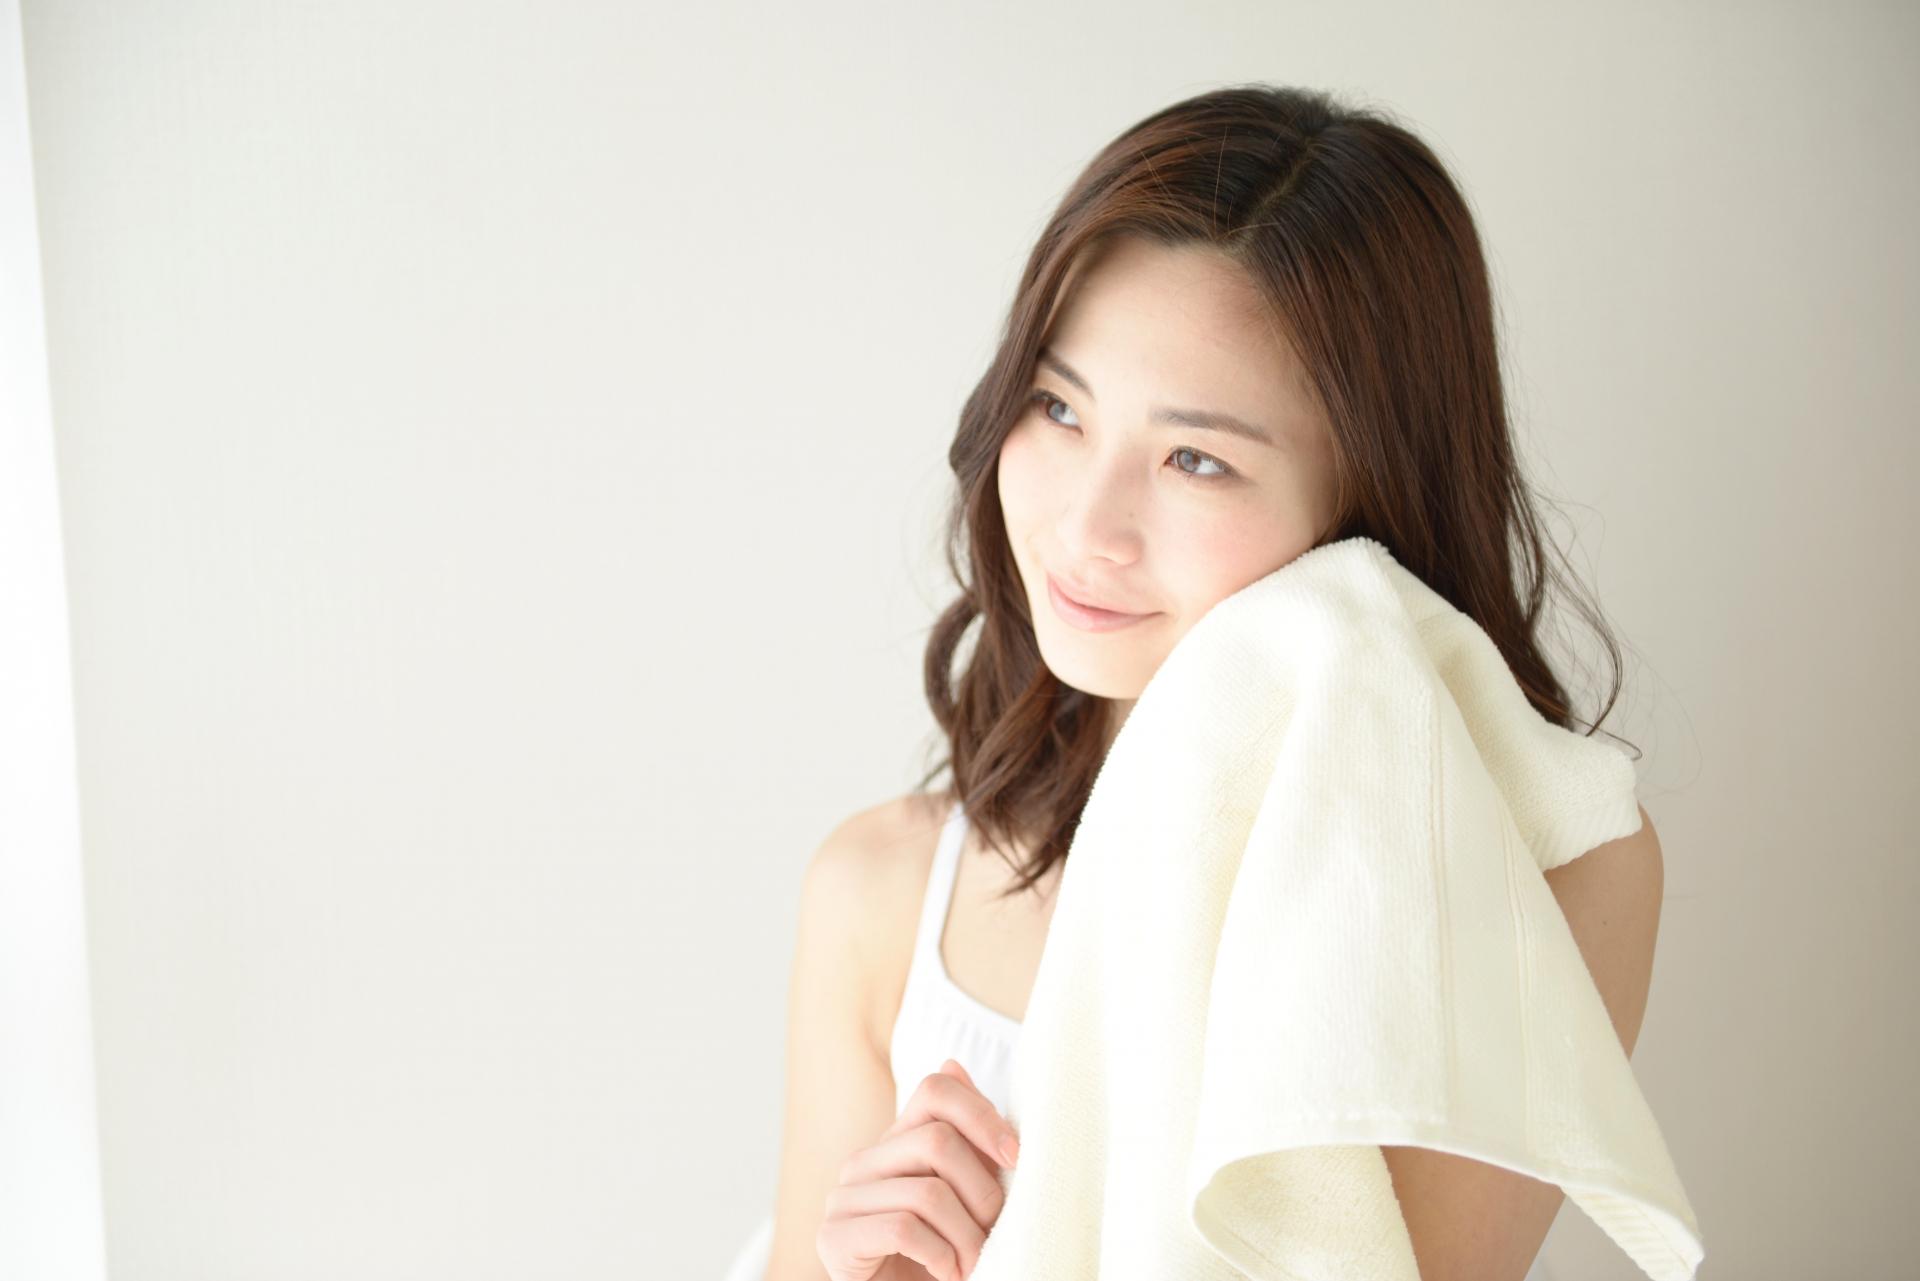 洗顔後タオルで優しく拭く女性